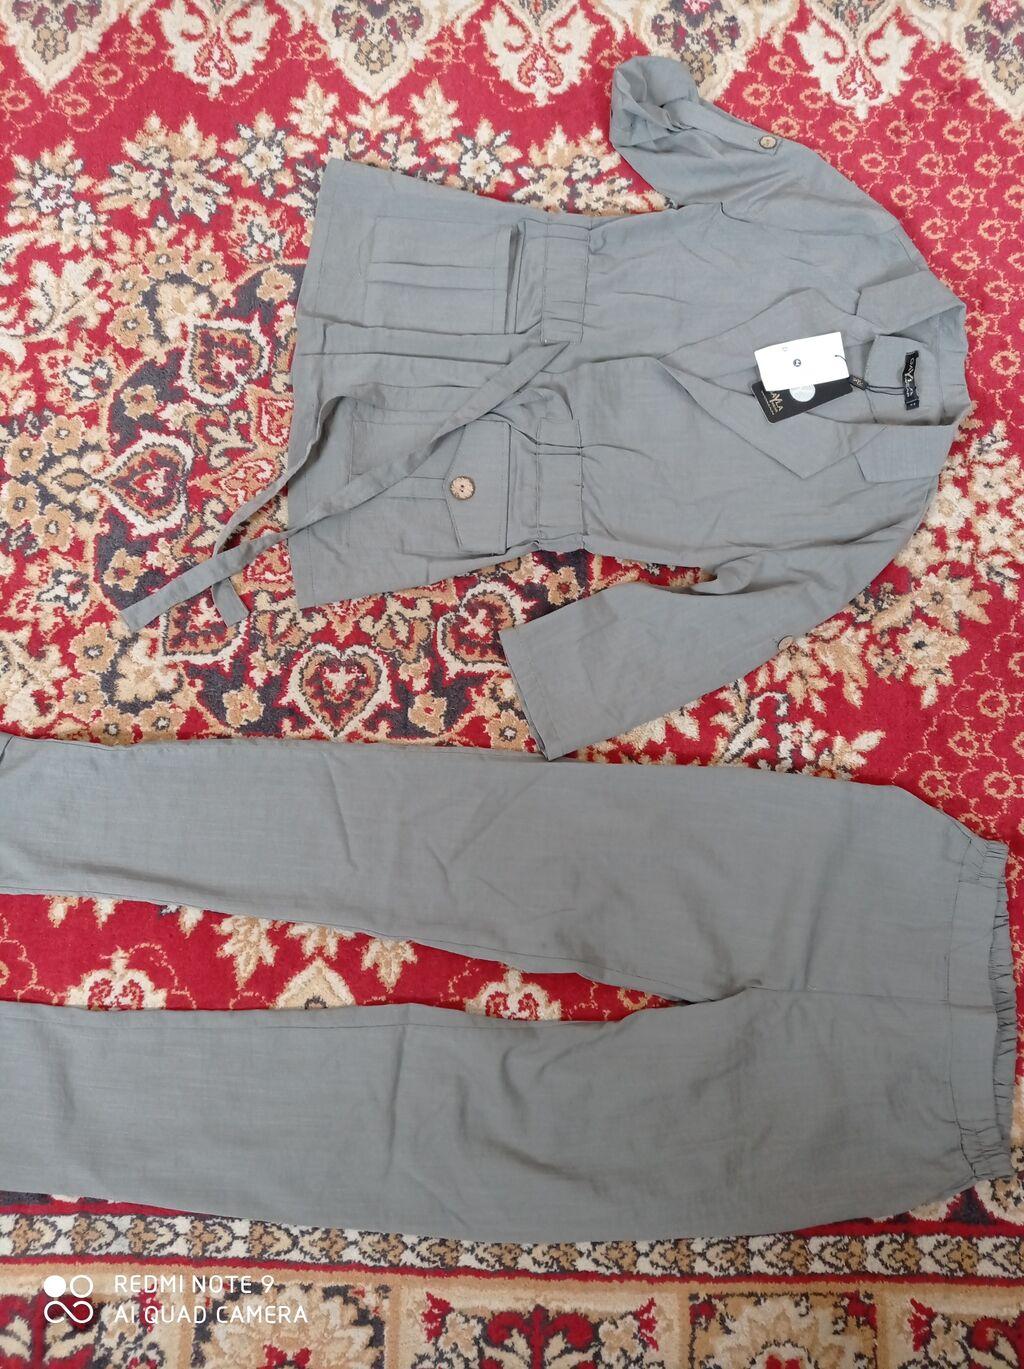 Новый костюм, размер мне не подошёл. Качество отличное, пояс на по цене: 1200 KGS: Новый костюм, размер мне не подошёл.  Качество отличное, пояс на